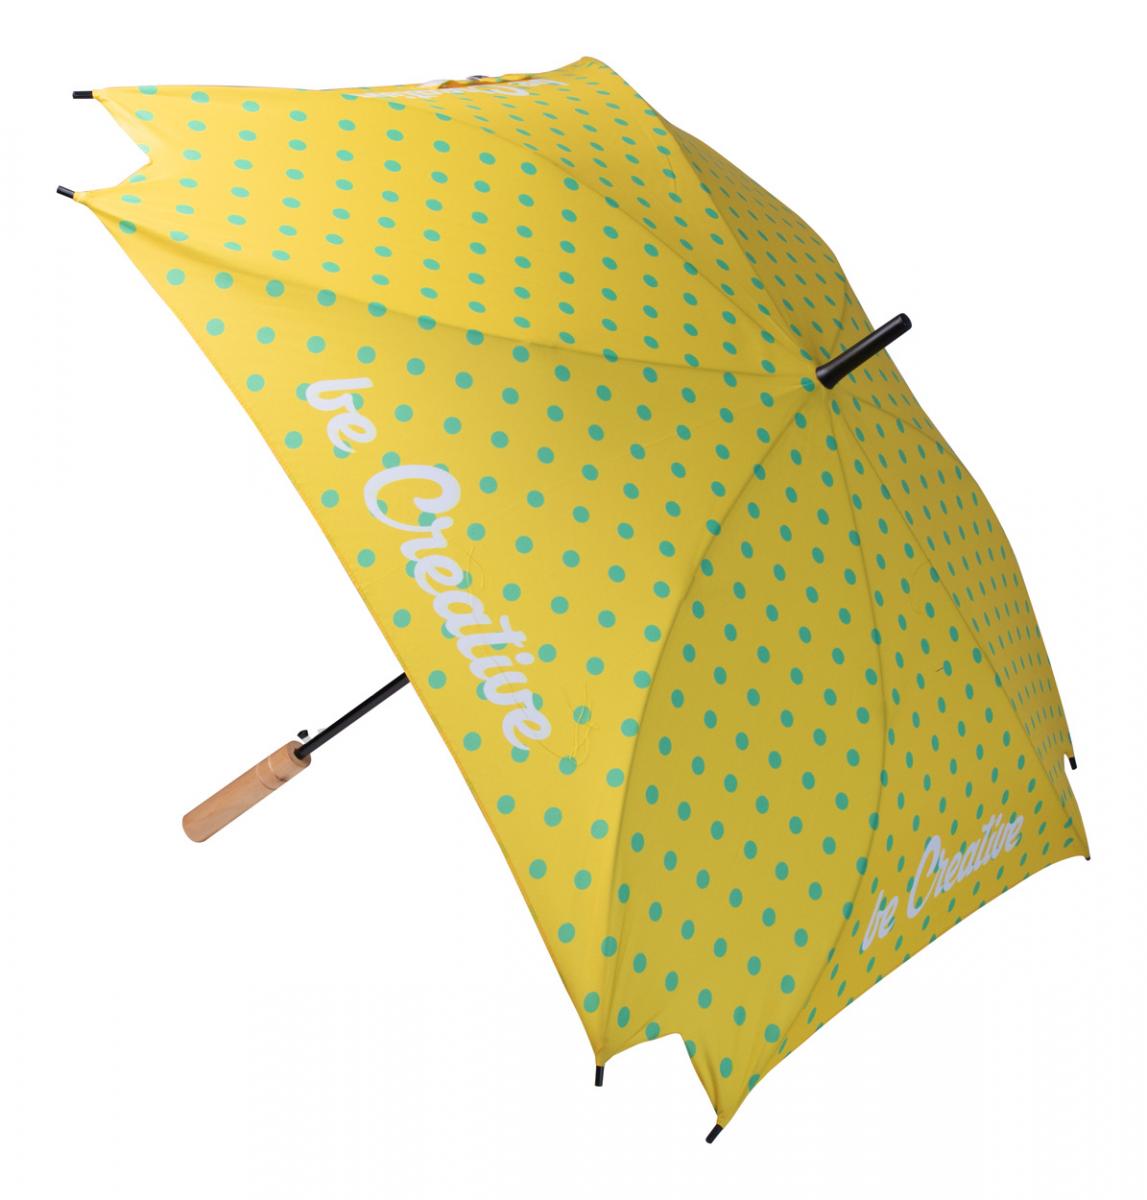 CreaRain Square RPET custom umbrella